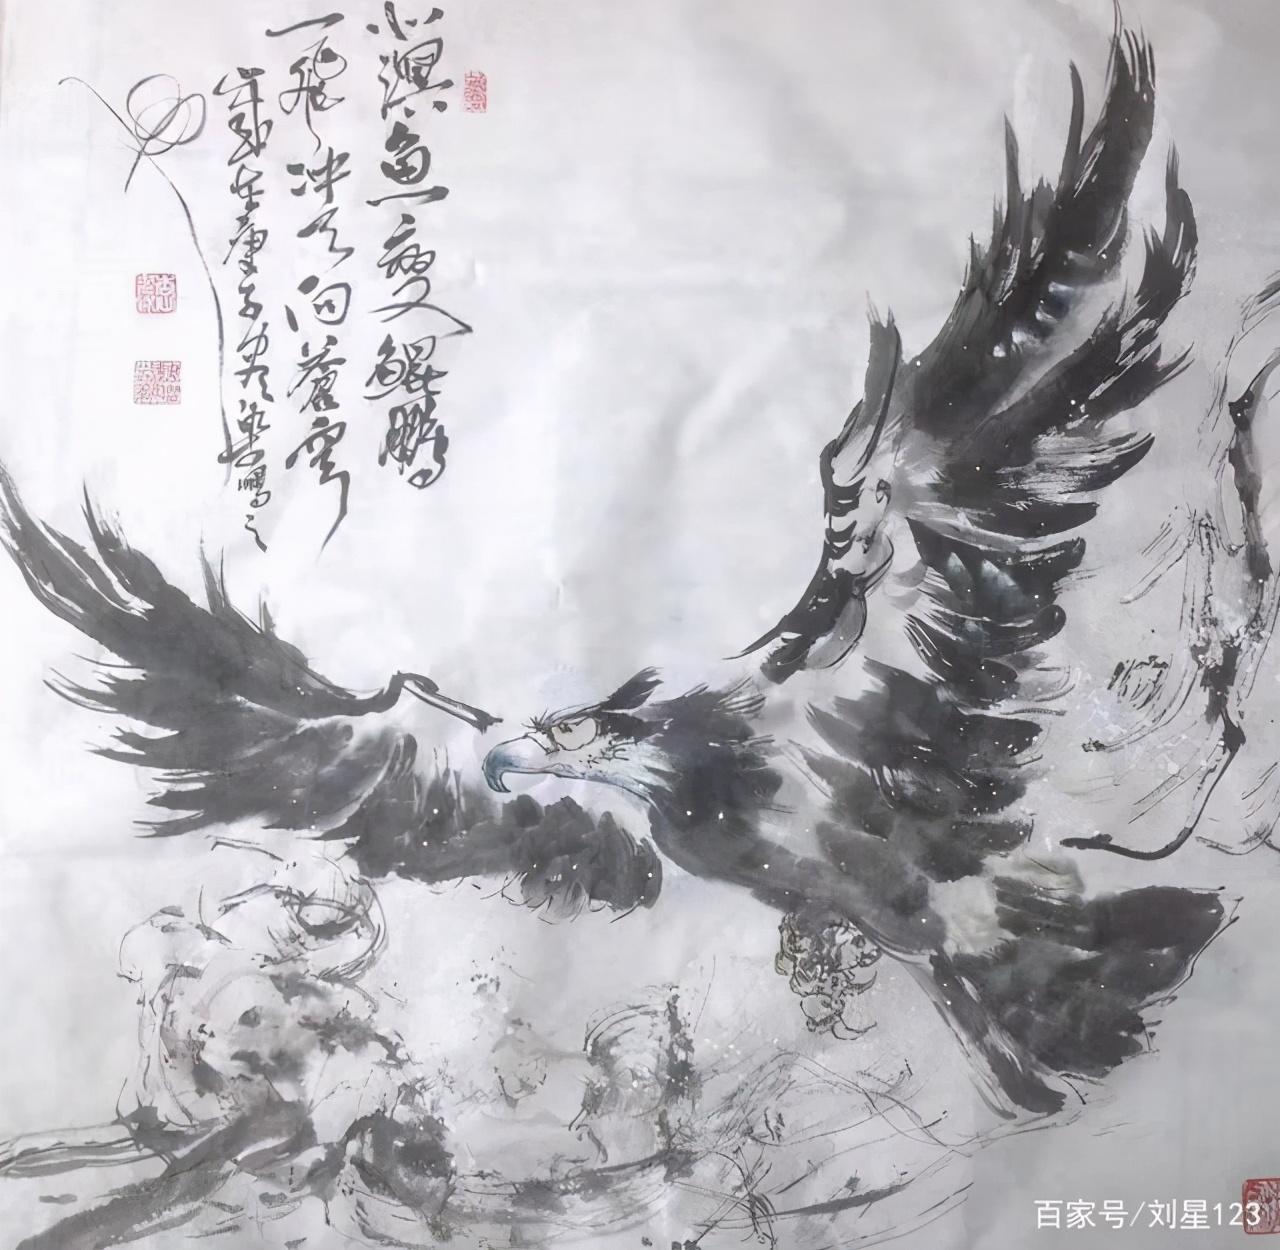 观尽染之鹰……